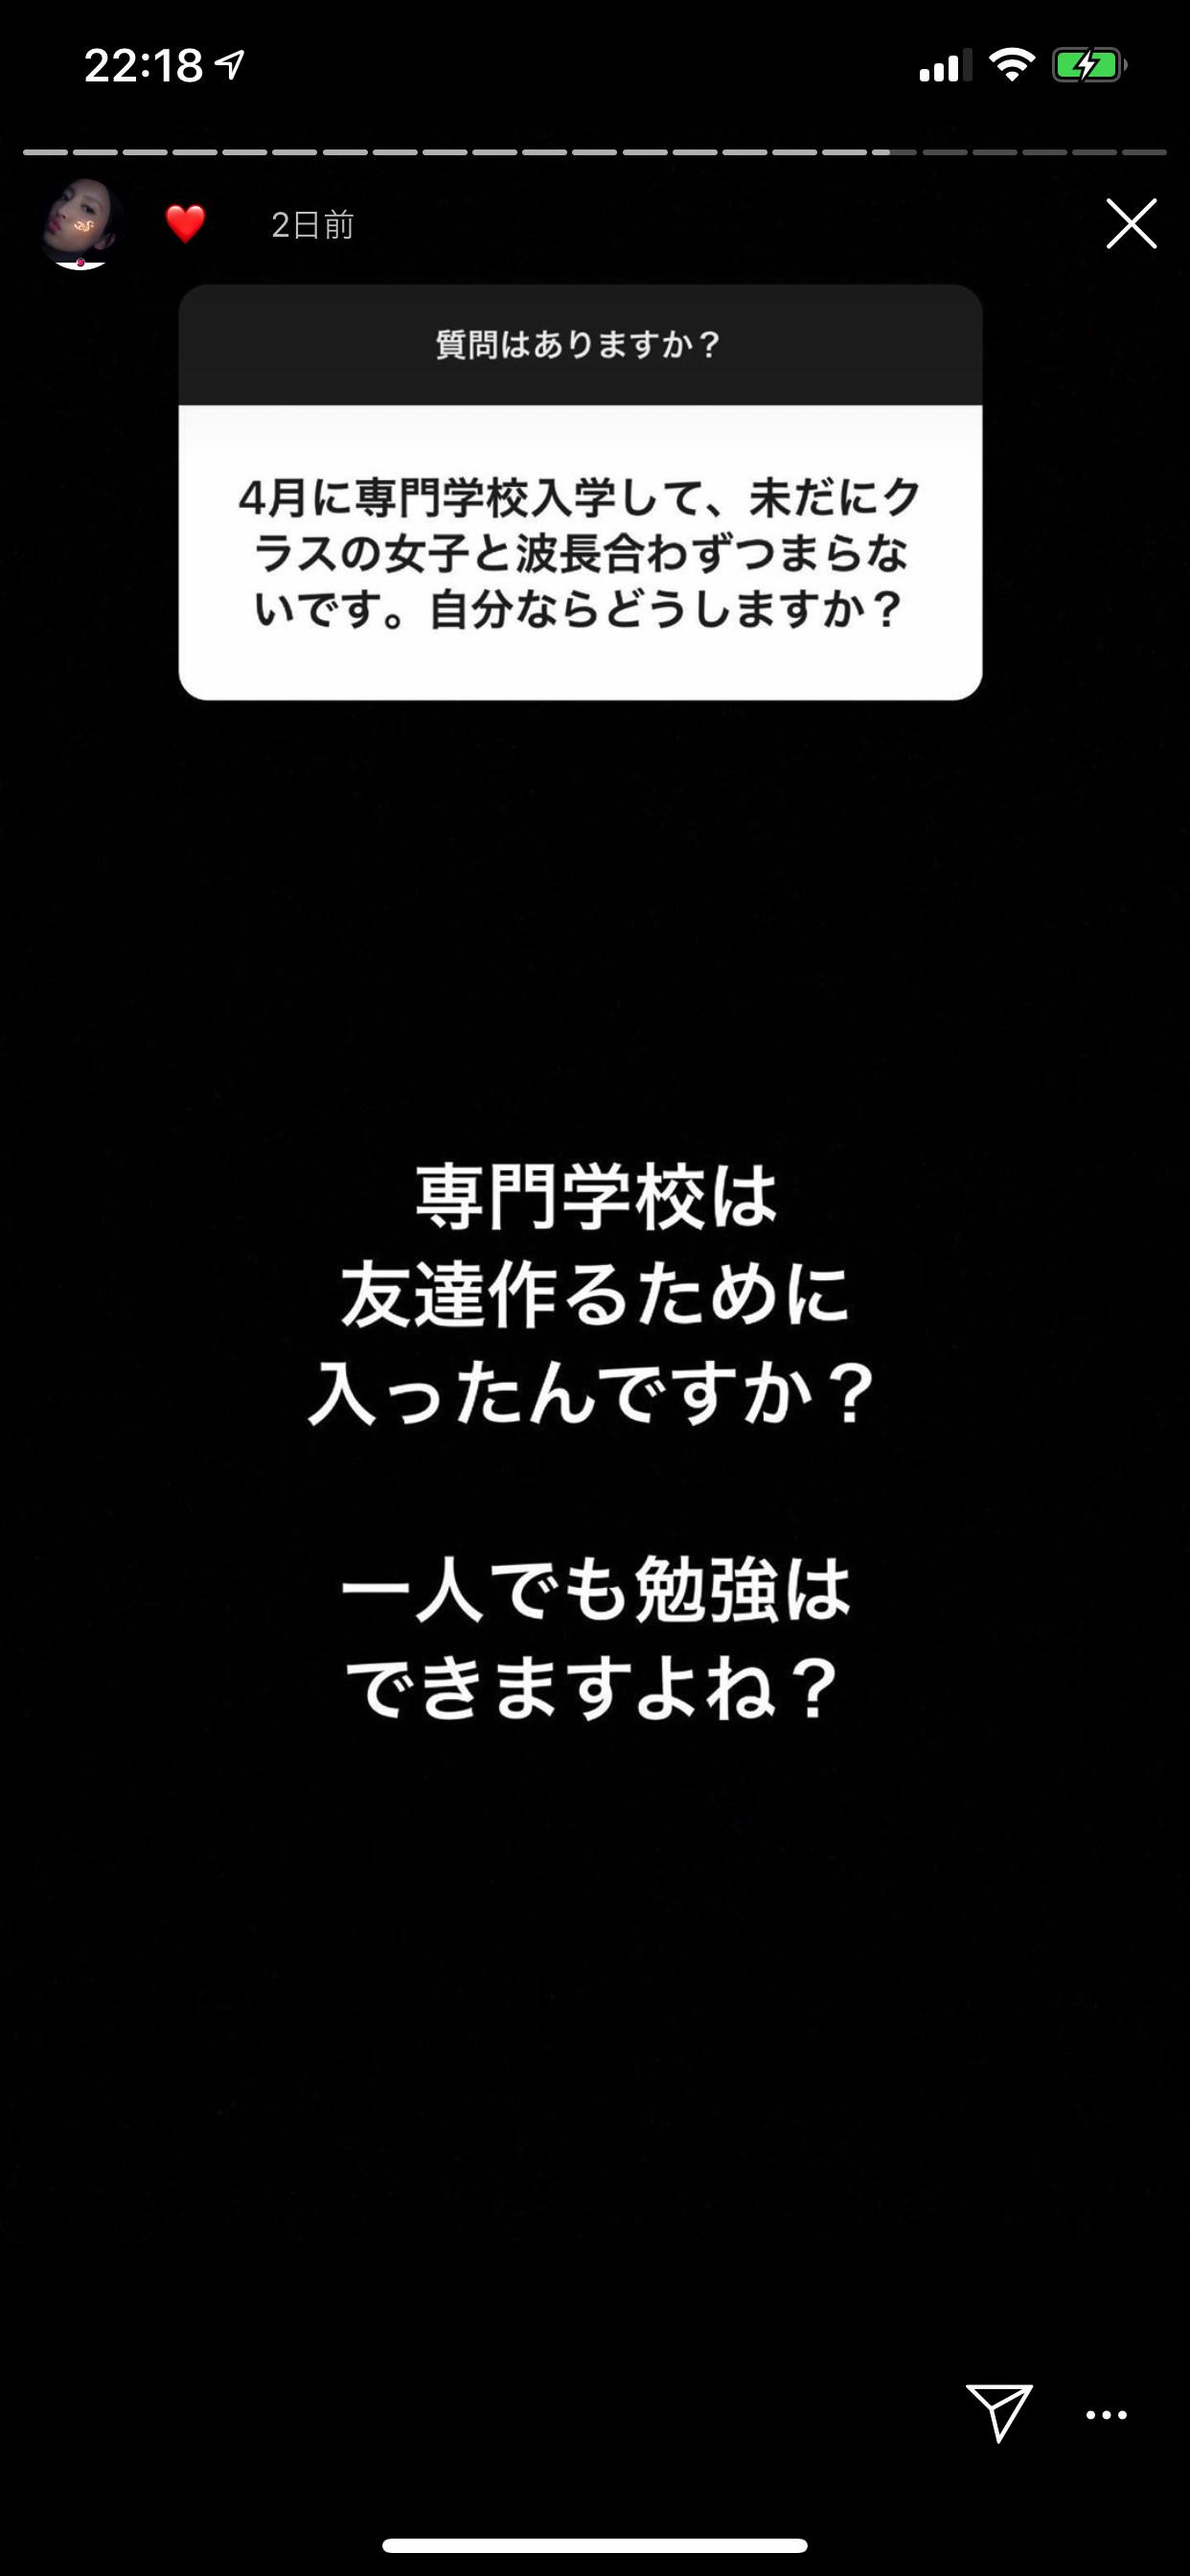 nanao-instagram-4